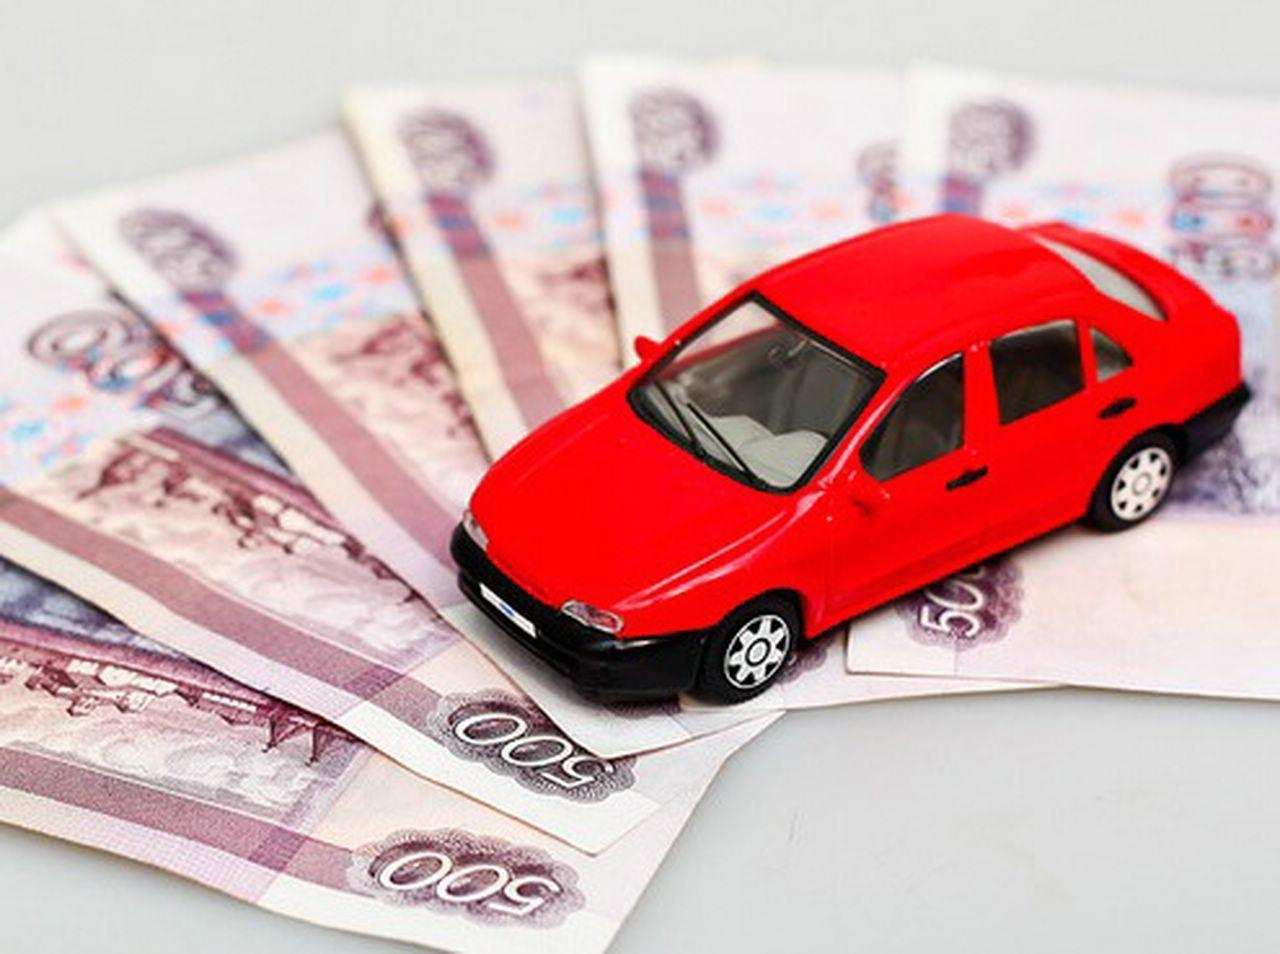 Скляр приключения, долги за автомобиль в москве ходе длительной эксплуатации